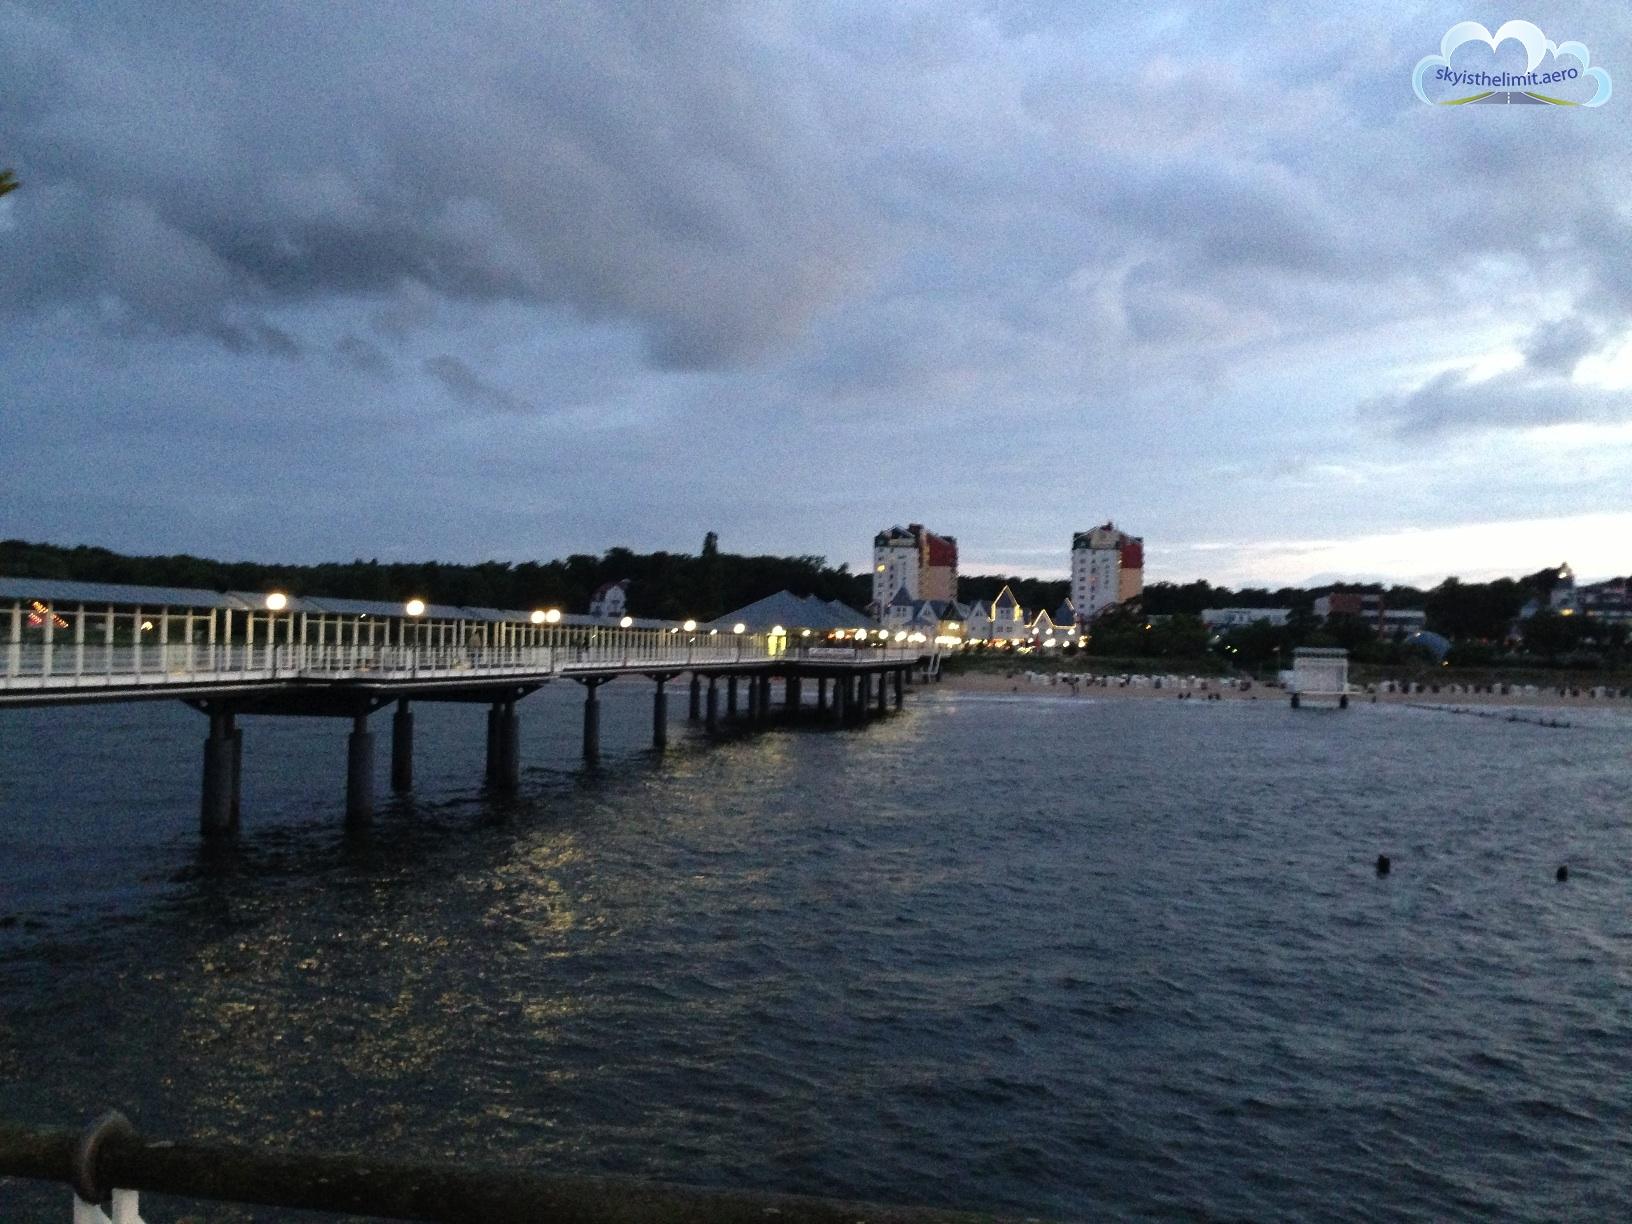 Molo w Heringsdorfie. Niestety znajdująca się na jego końcu restauracja jest otwarta tylko do 22:00.